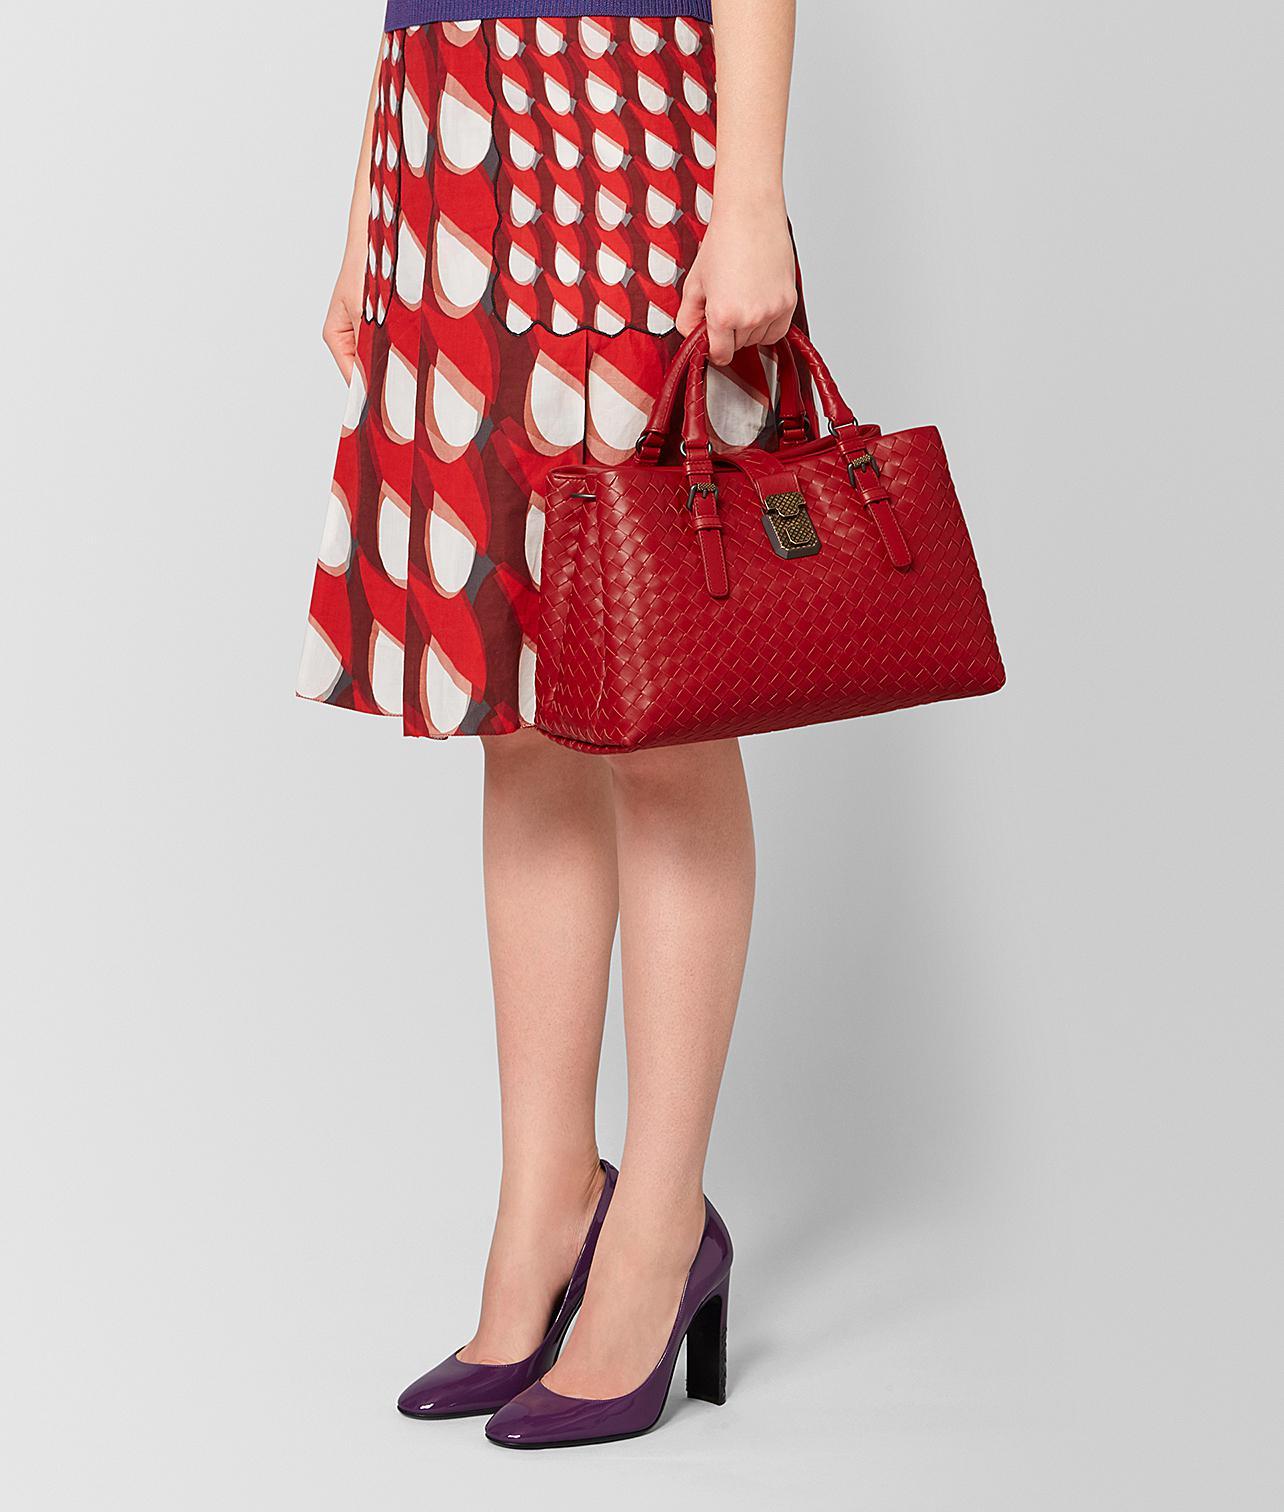 a9f73004829c Bottega Veneta - Red Nero Intrecciato Calf Small Roma Bag - Lyst. View  fullscreen